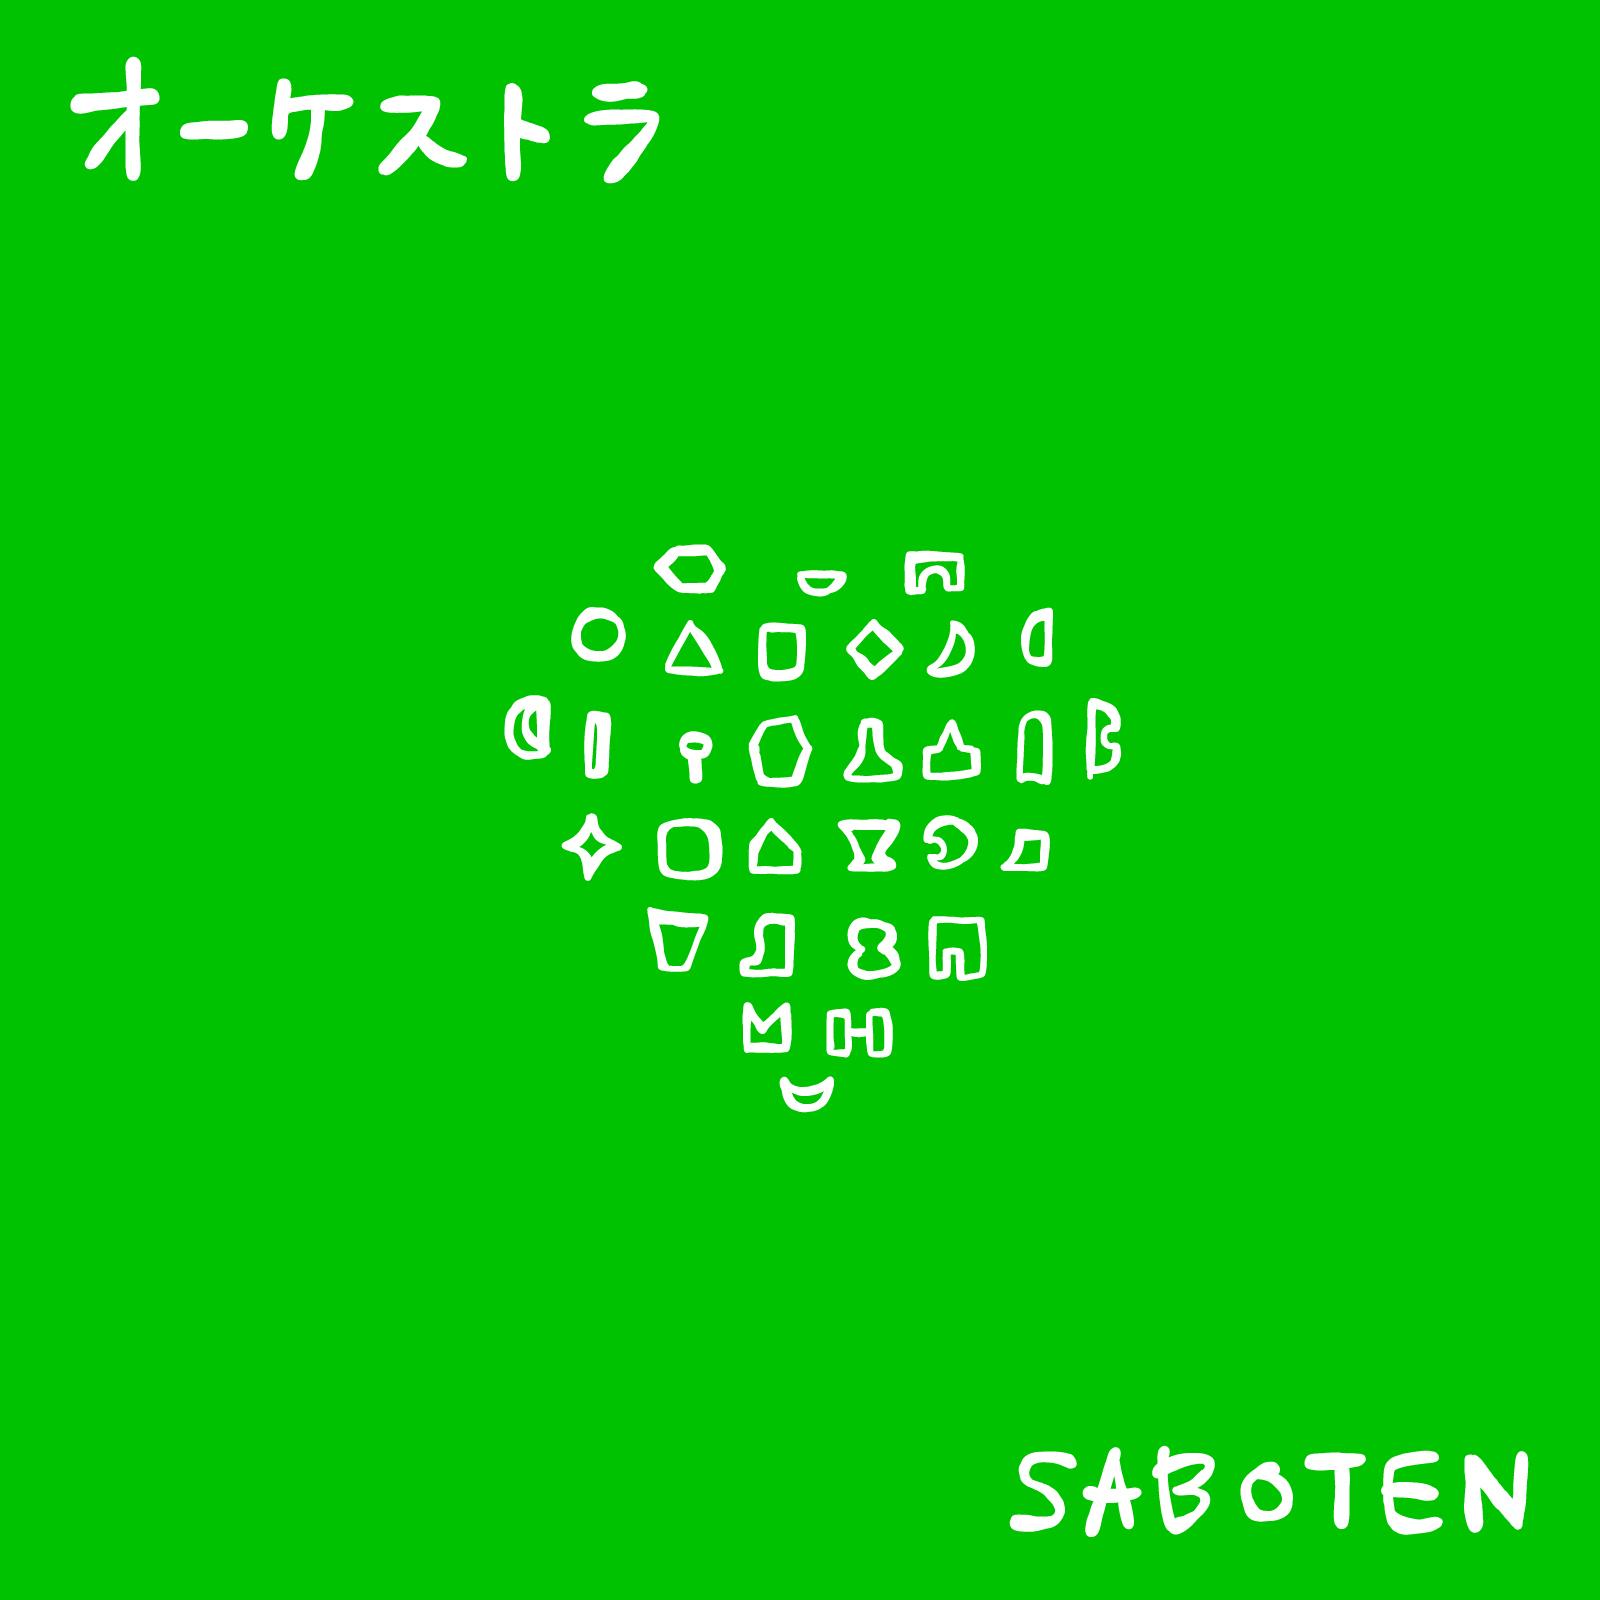 """SABOTEN 5週連続配信リリース「5つのパイロン」より""""オーケストラ""""配信開始‼"""